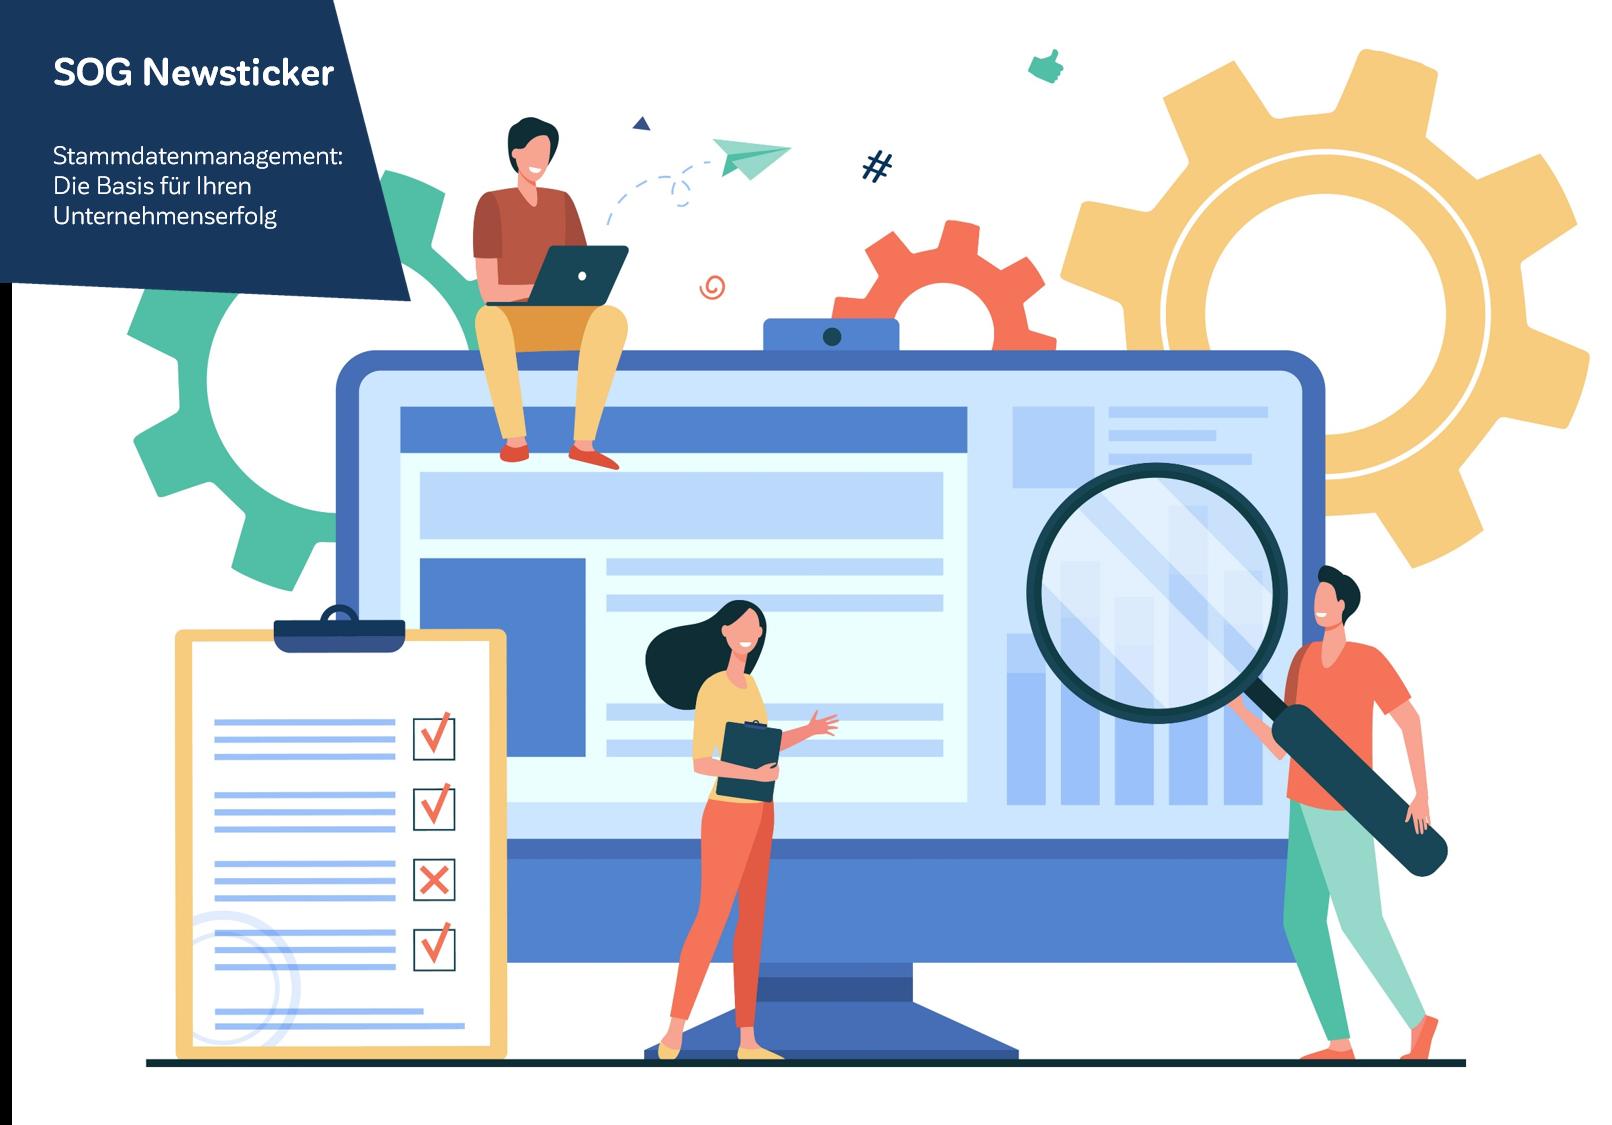 Stammdatenmanagement: Die Basis für Ihren Unternehmenserfolg